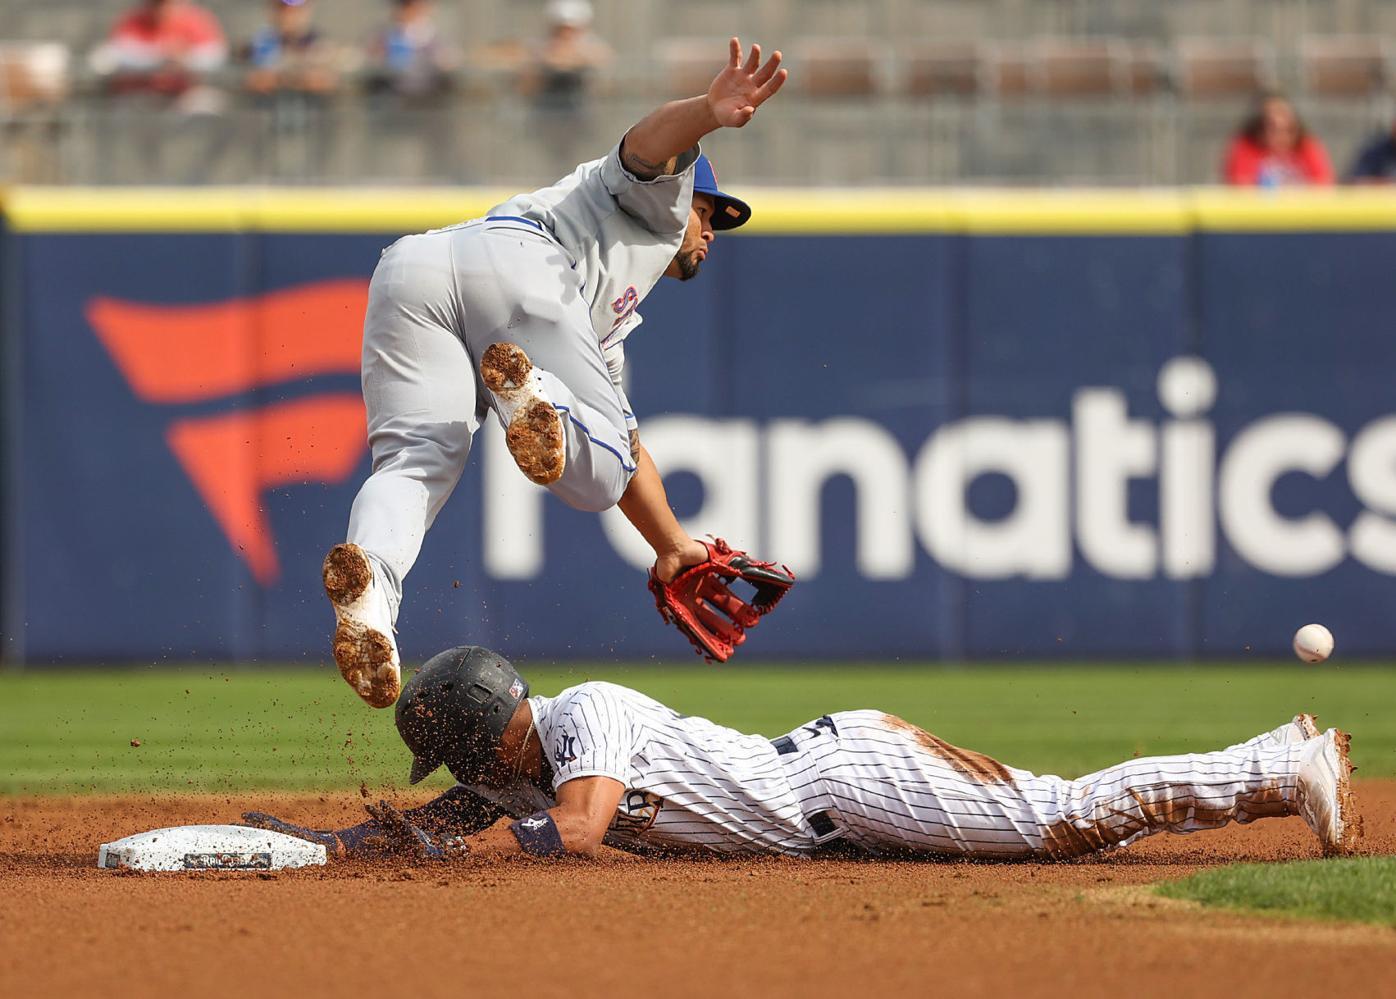 Scranton Wilkes-Barre Railriders vs Syracuse Mets